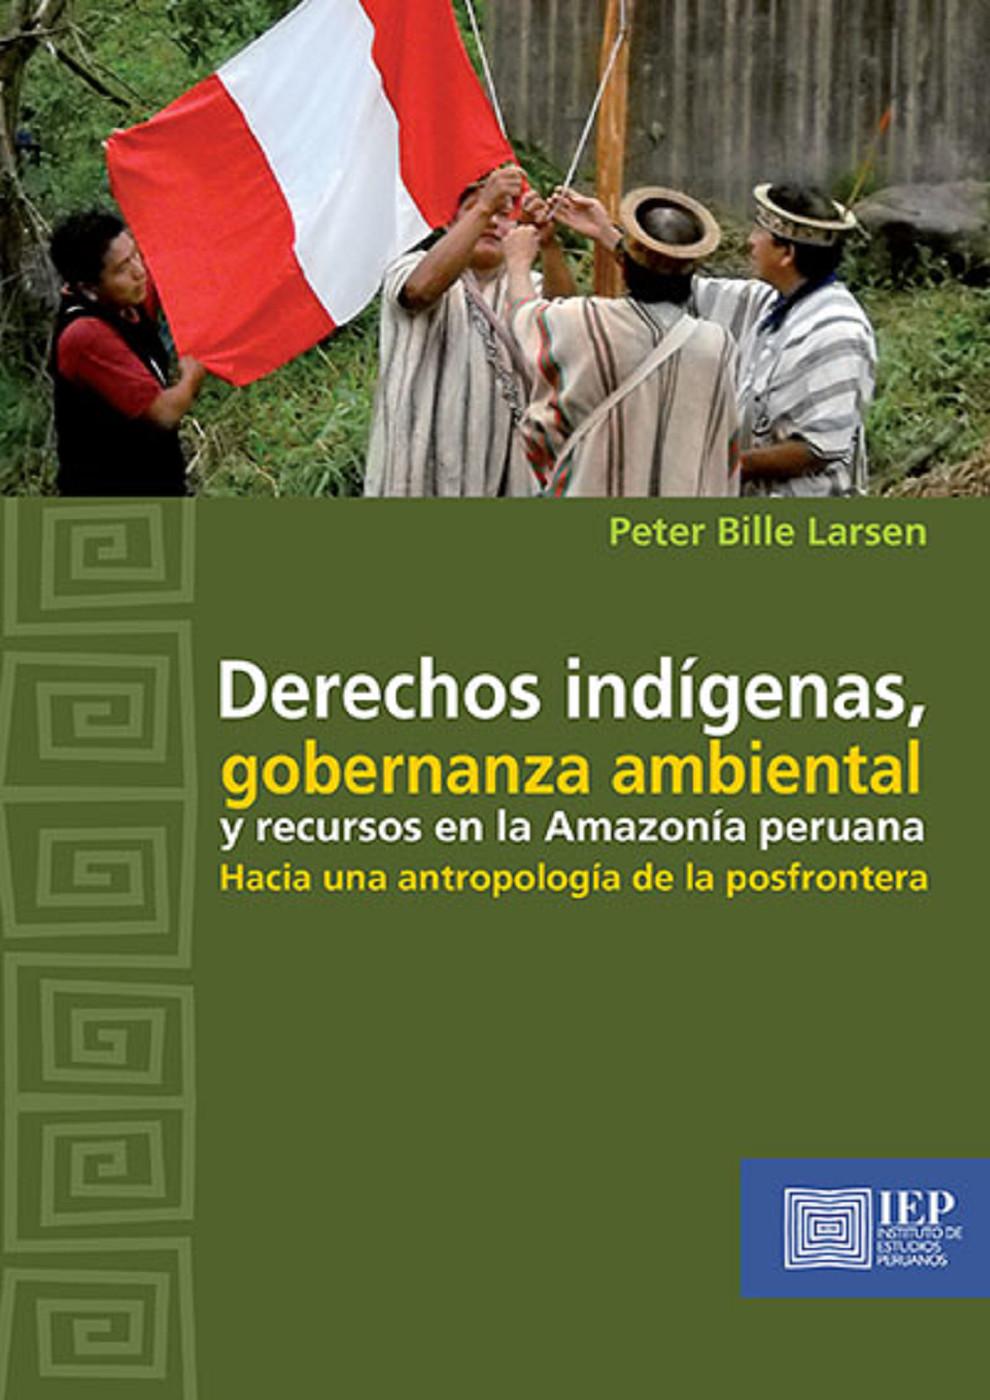 Derechos indígenas, gobernanza ambiental y recursos en la Amazonía peruana